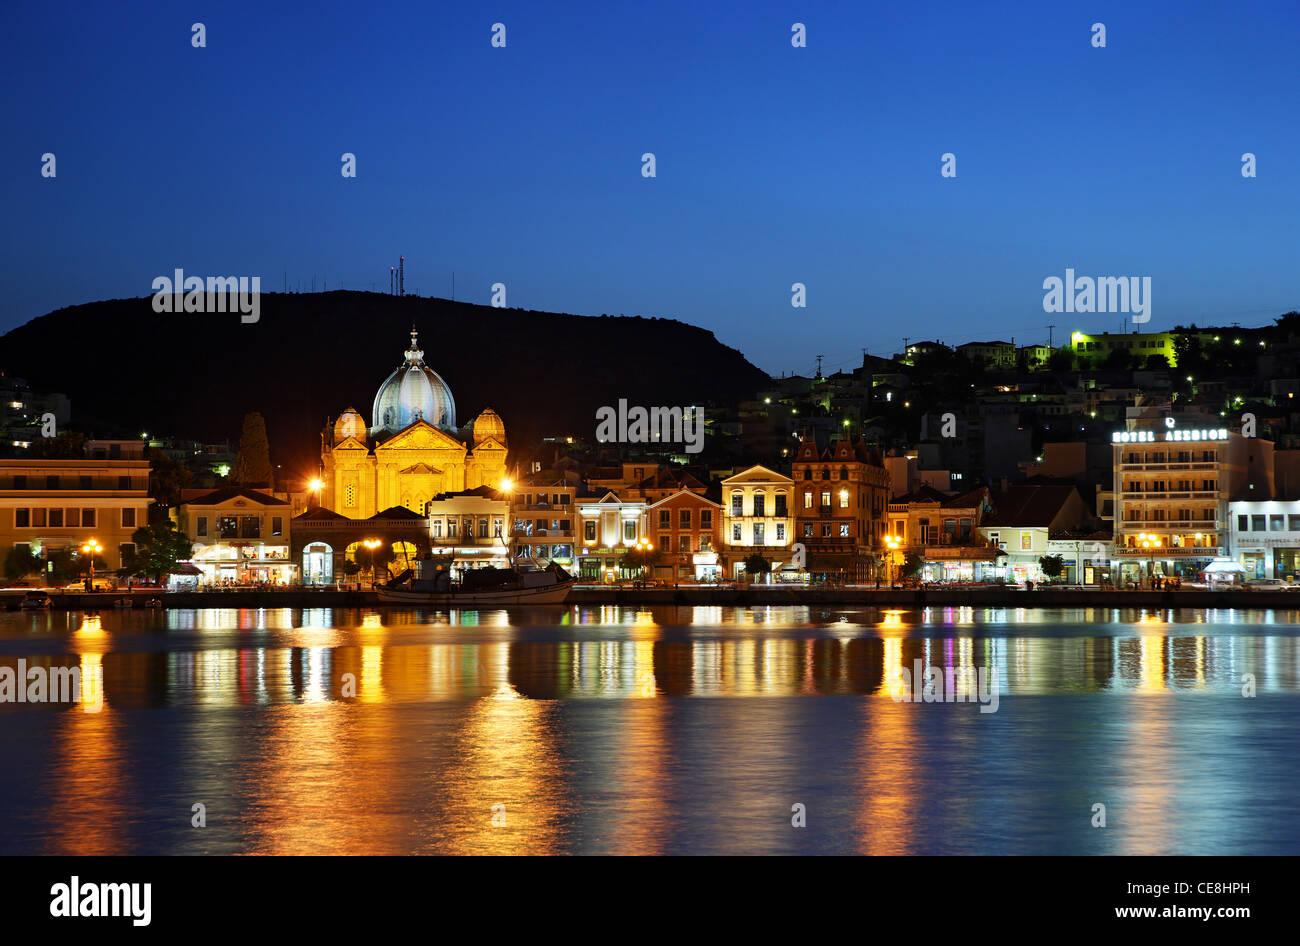 Partielle Nacht Blick auf den Hafen von Mytilene-Stadt, Hauptstadt der Insel Lesbos, Ägäis, Nordgriechenland. Stockbild